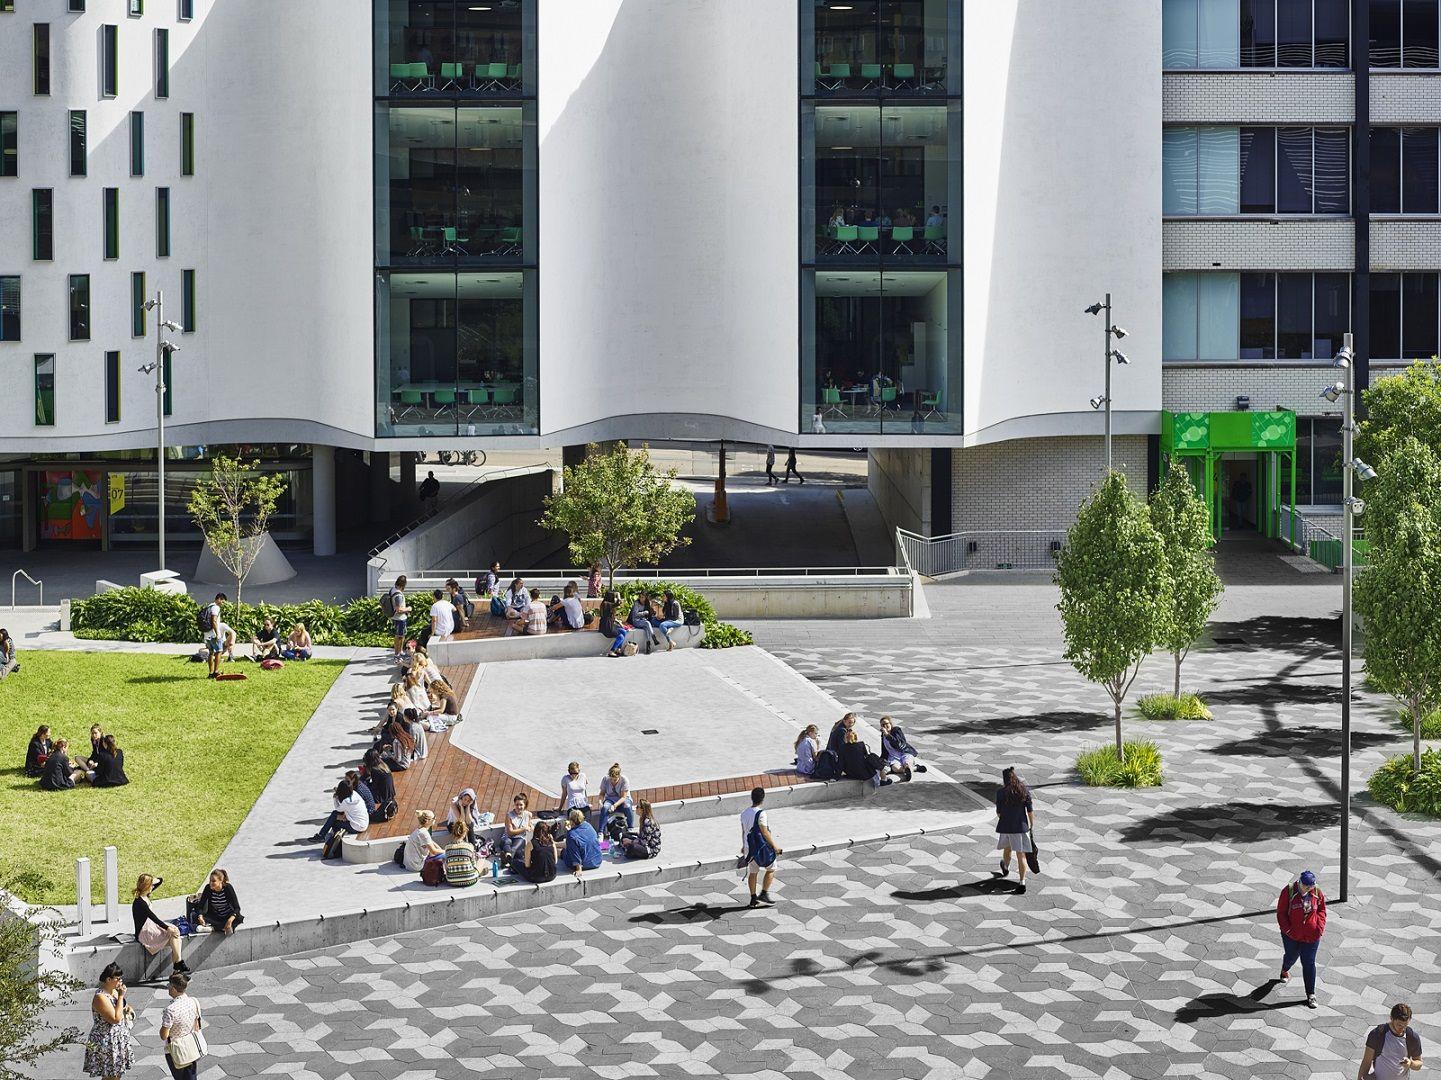 University of technology sydney u sydney australia u landscape